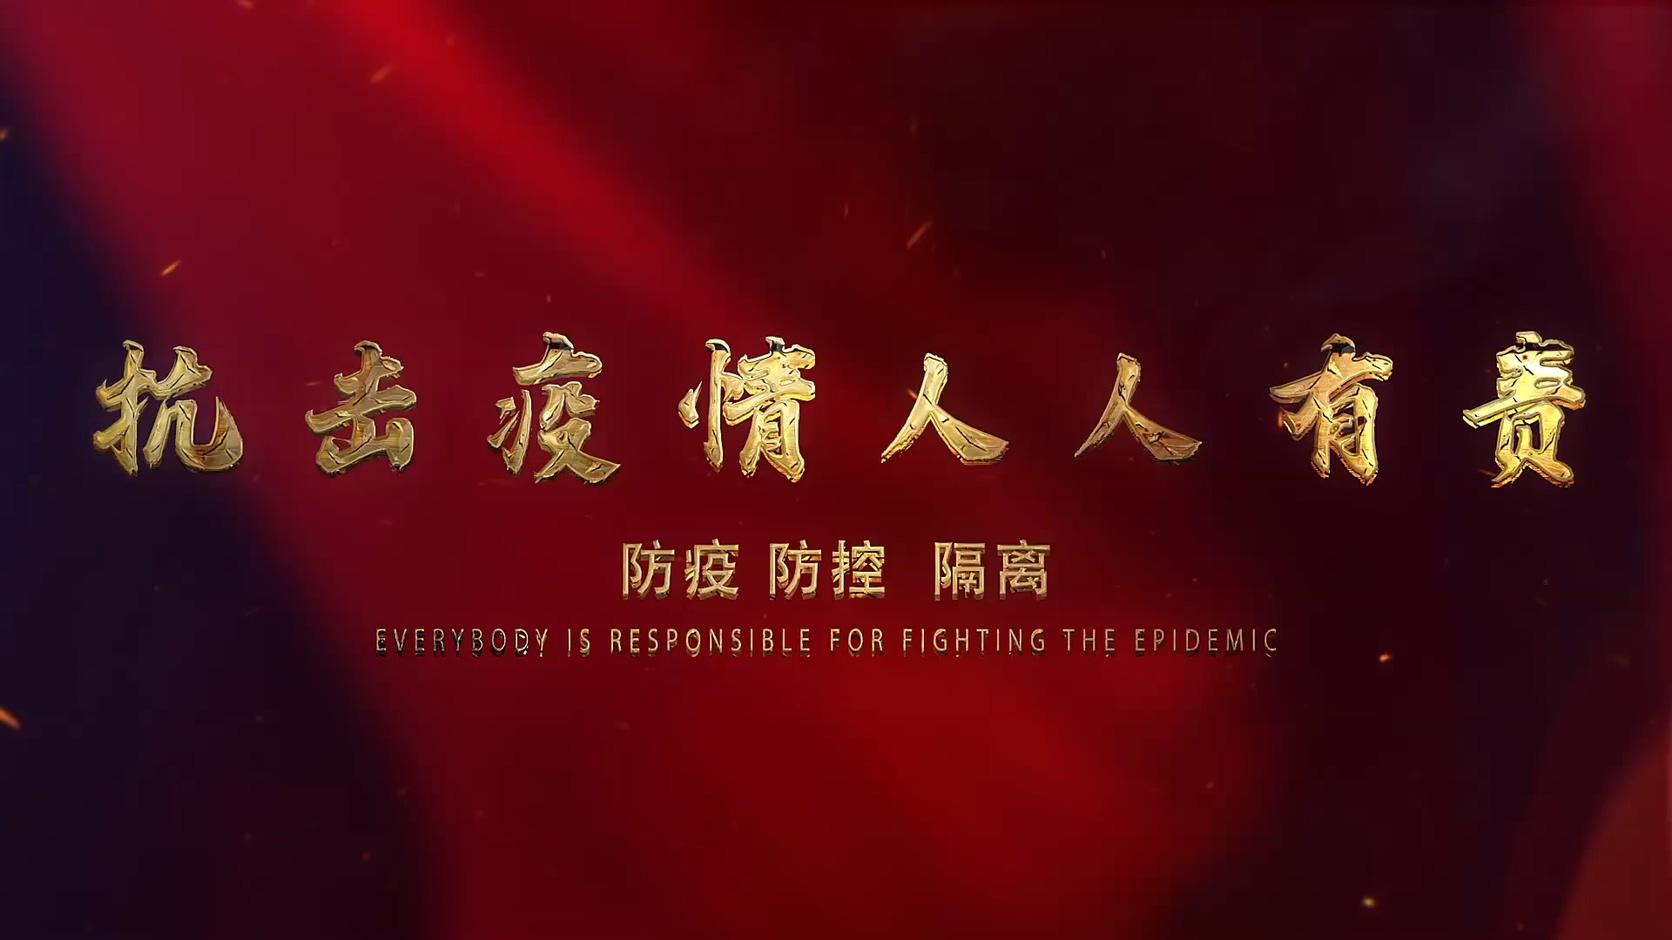 武汉抵抗疫情标语片头视频素材